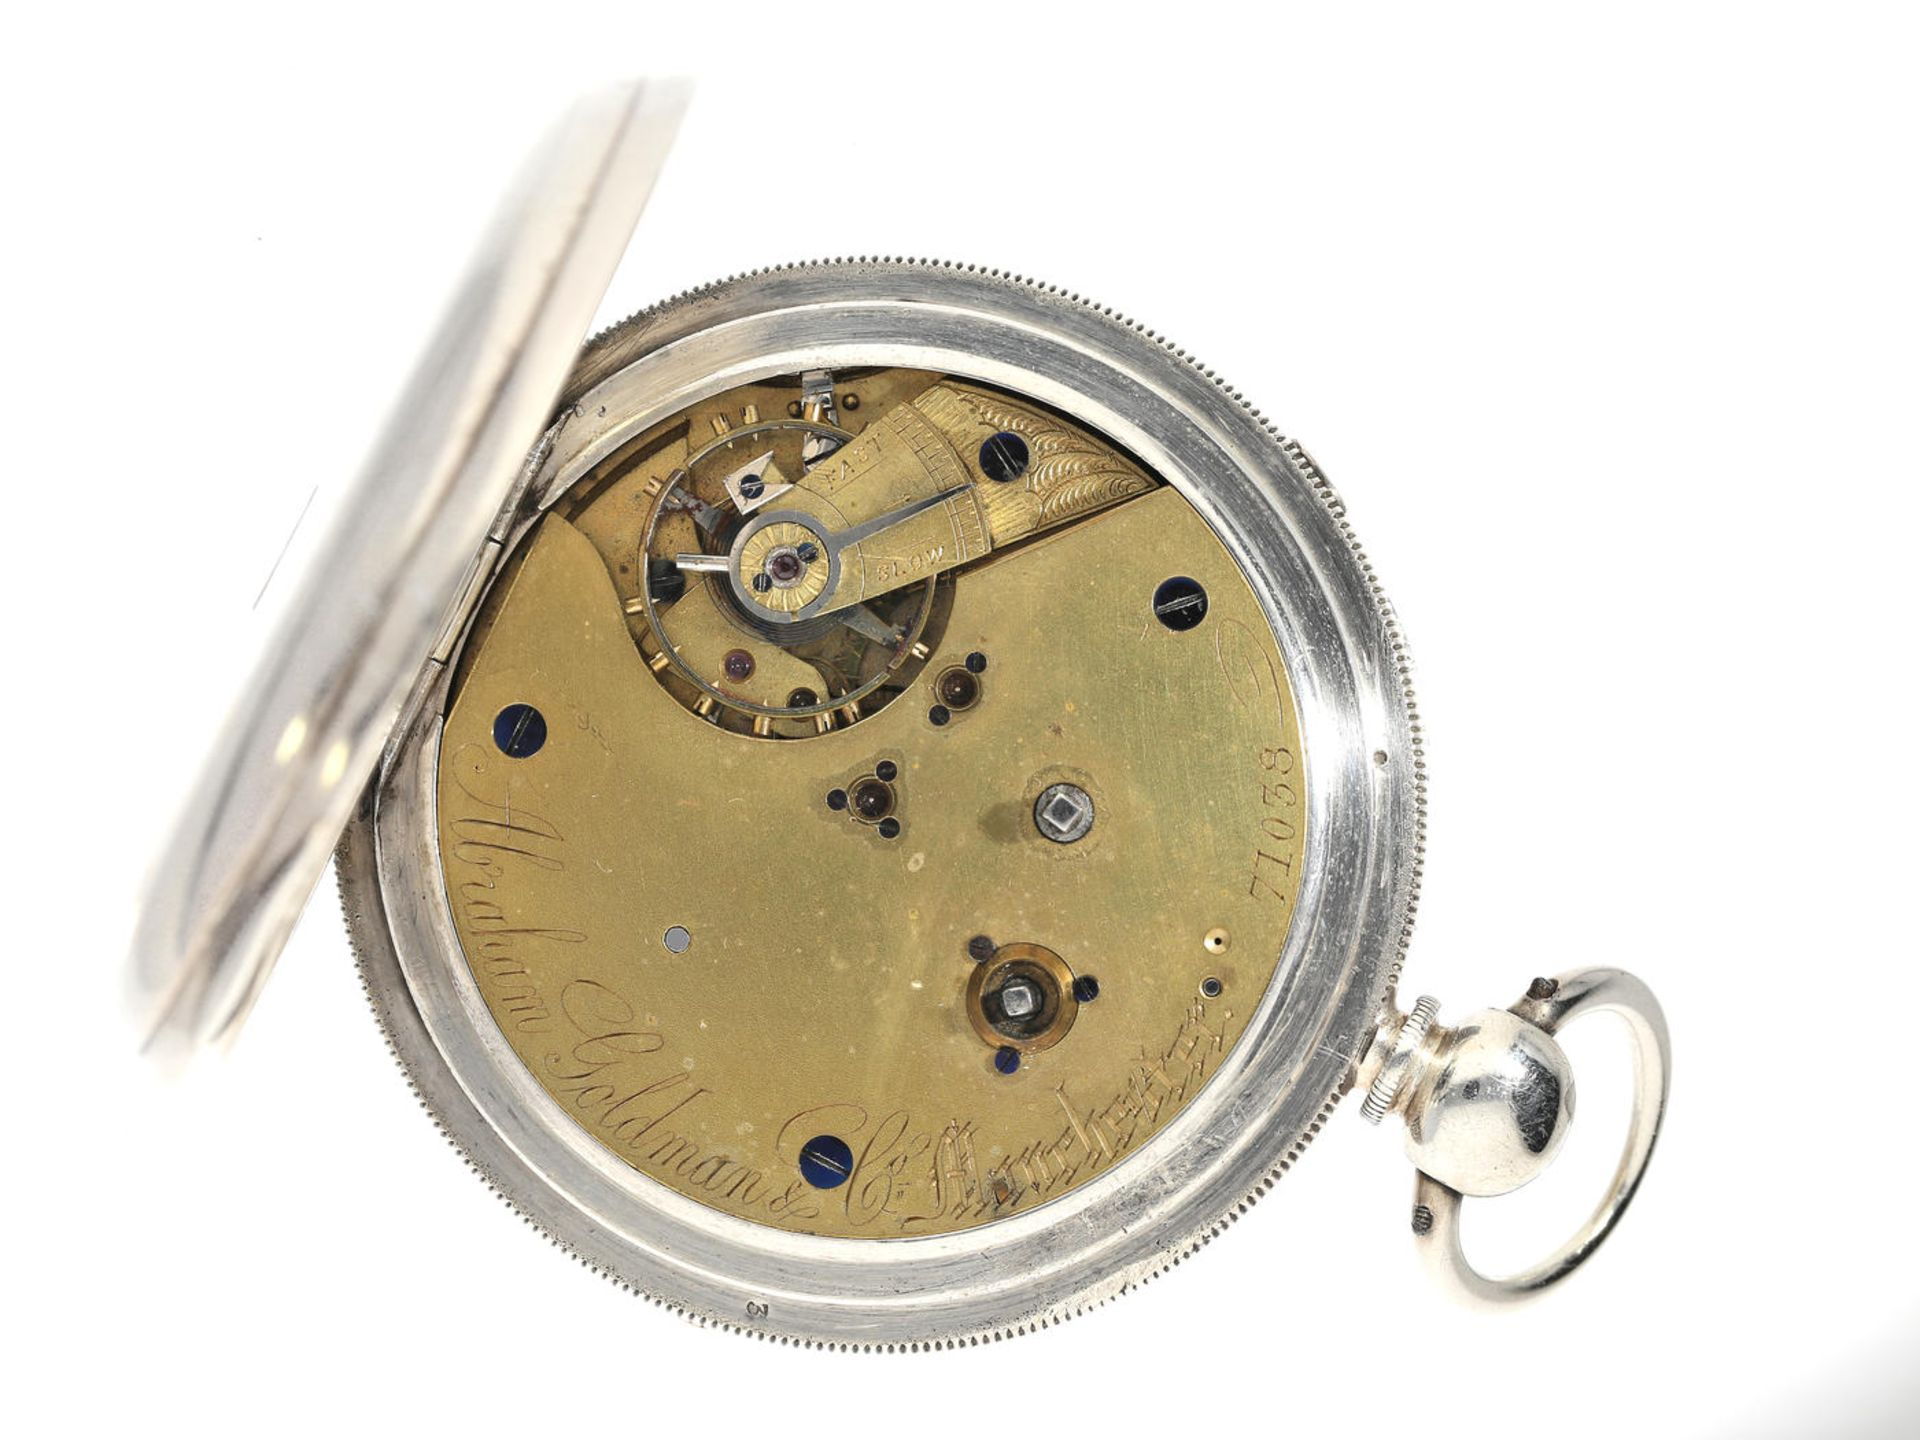 Taschenuhr: englische Beobachtungsuhr außergewöhnlicher Größe und Qualität, Abraham Goldman - Bild 3 aus 3